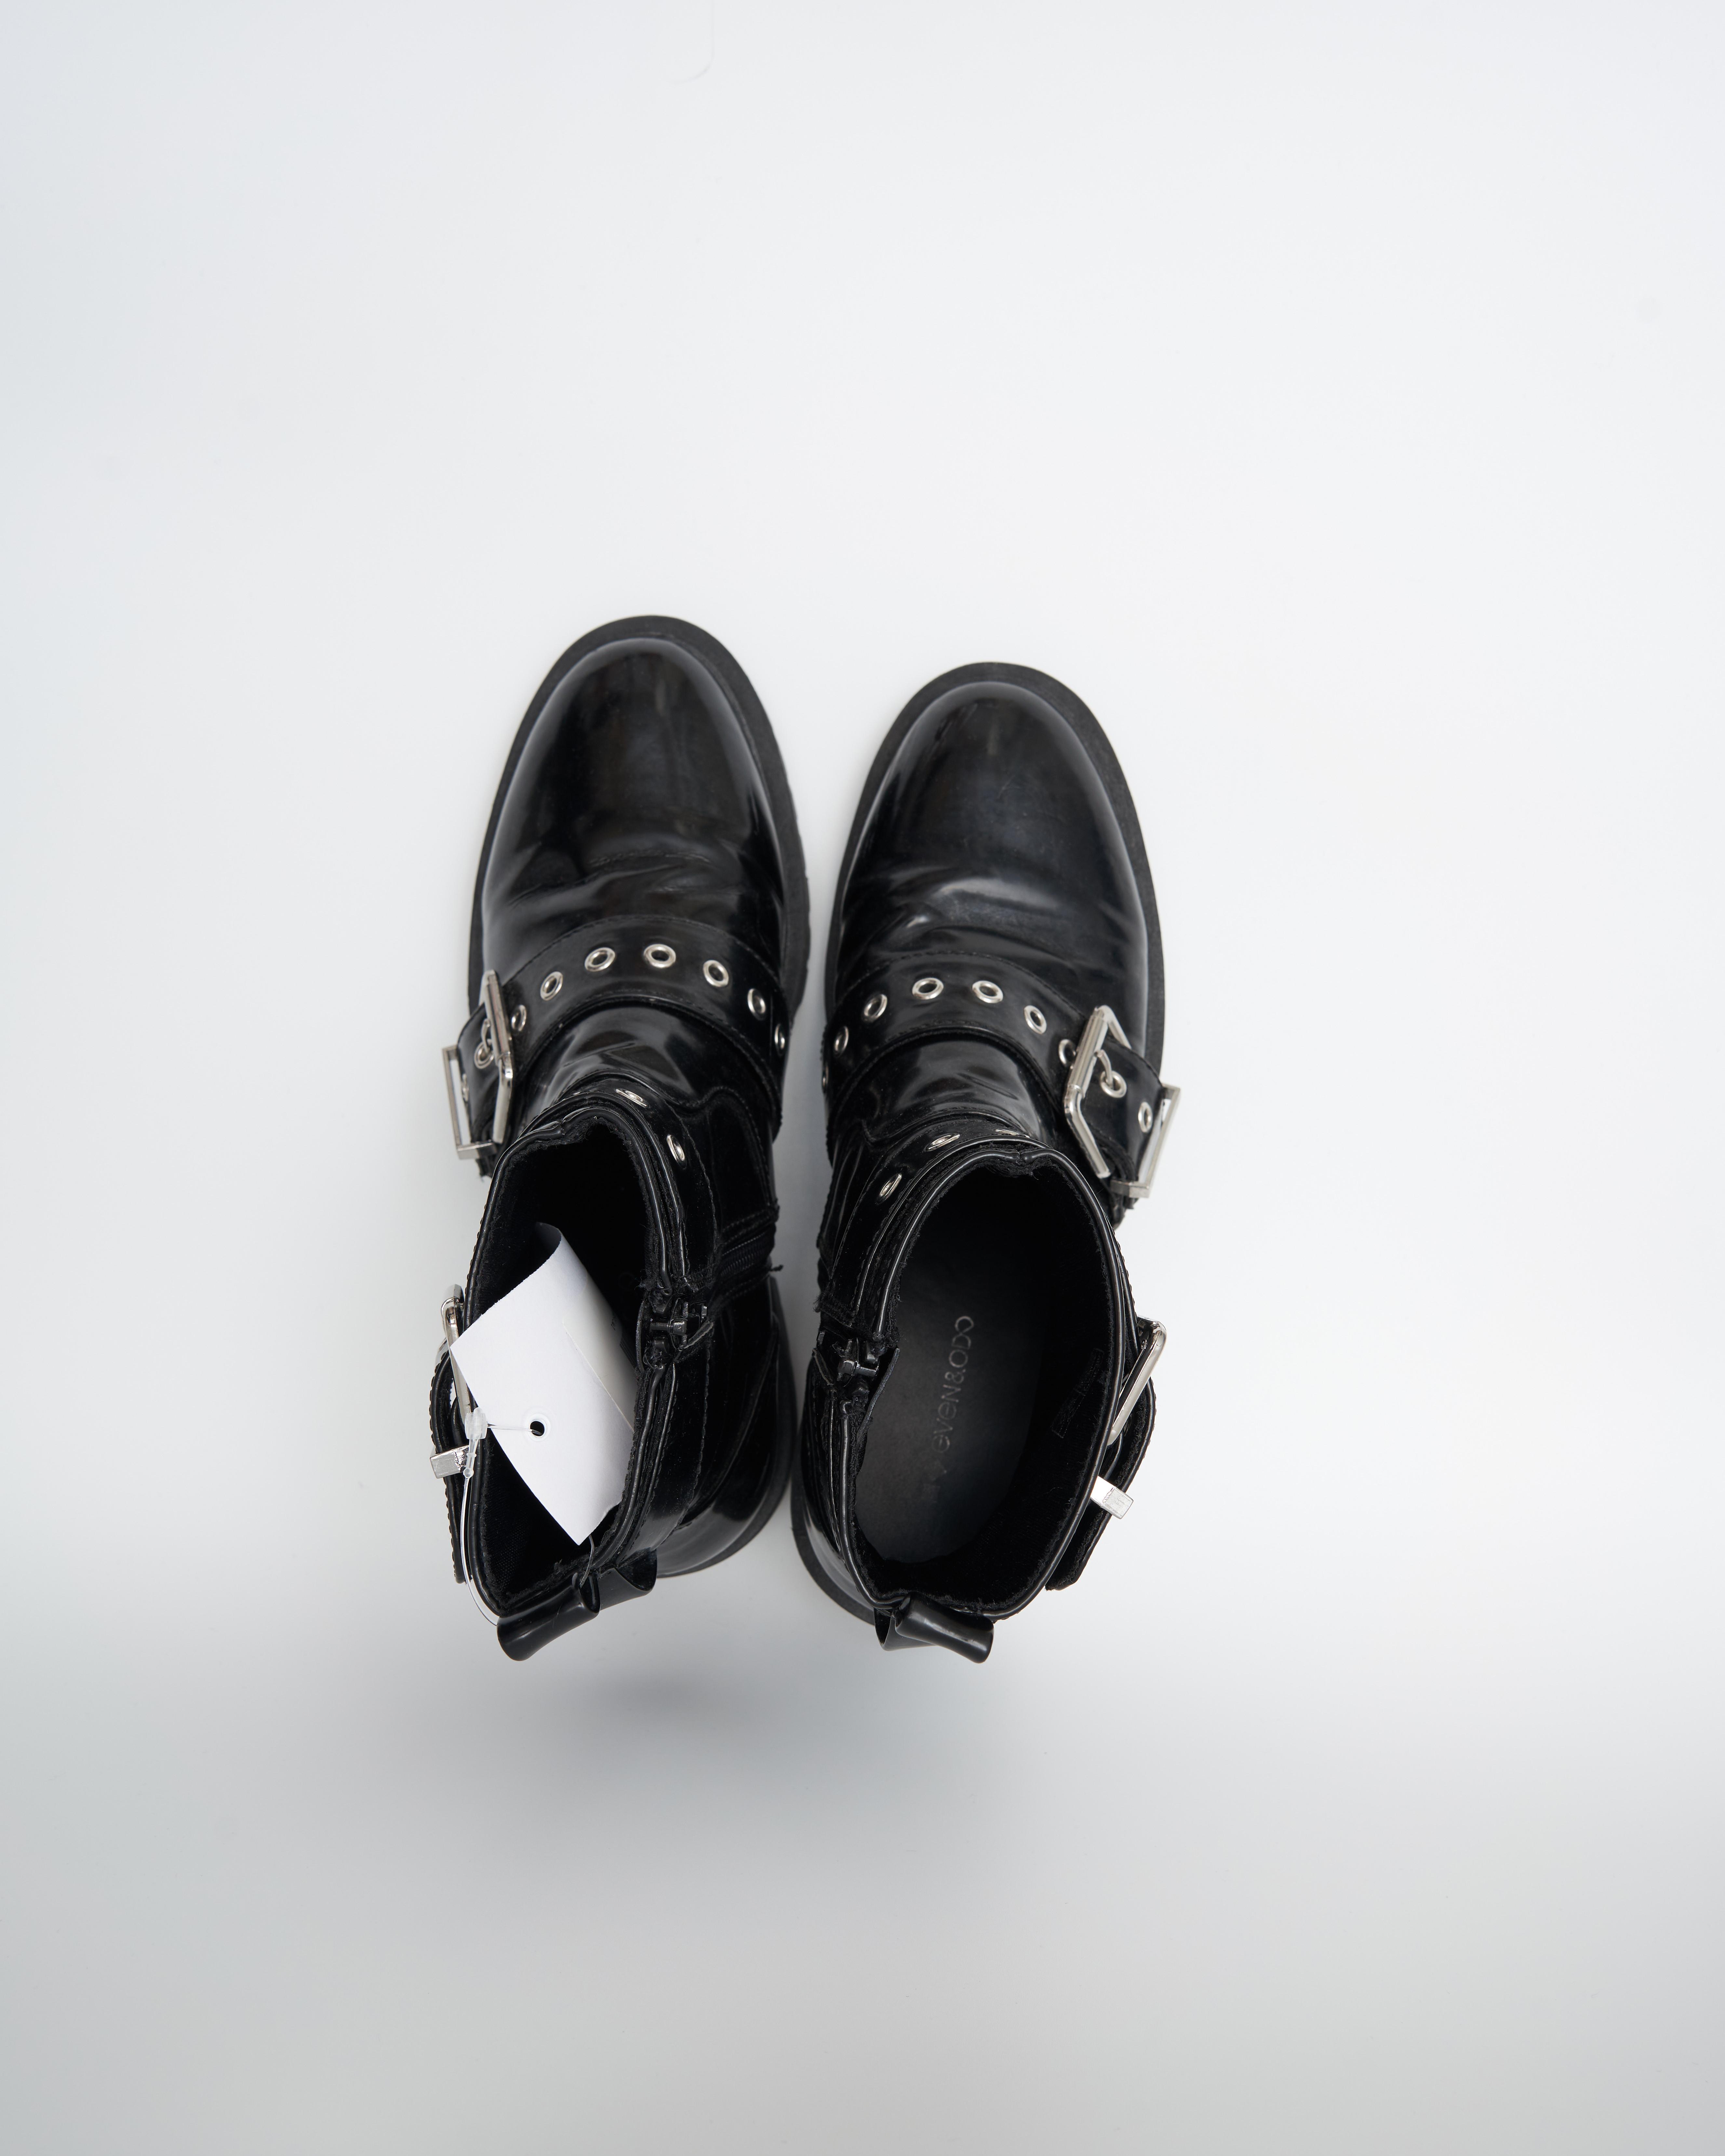 Even&Odd Stiefel / Stiefelette / Boots Schwarz Gr.37